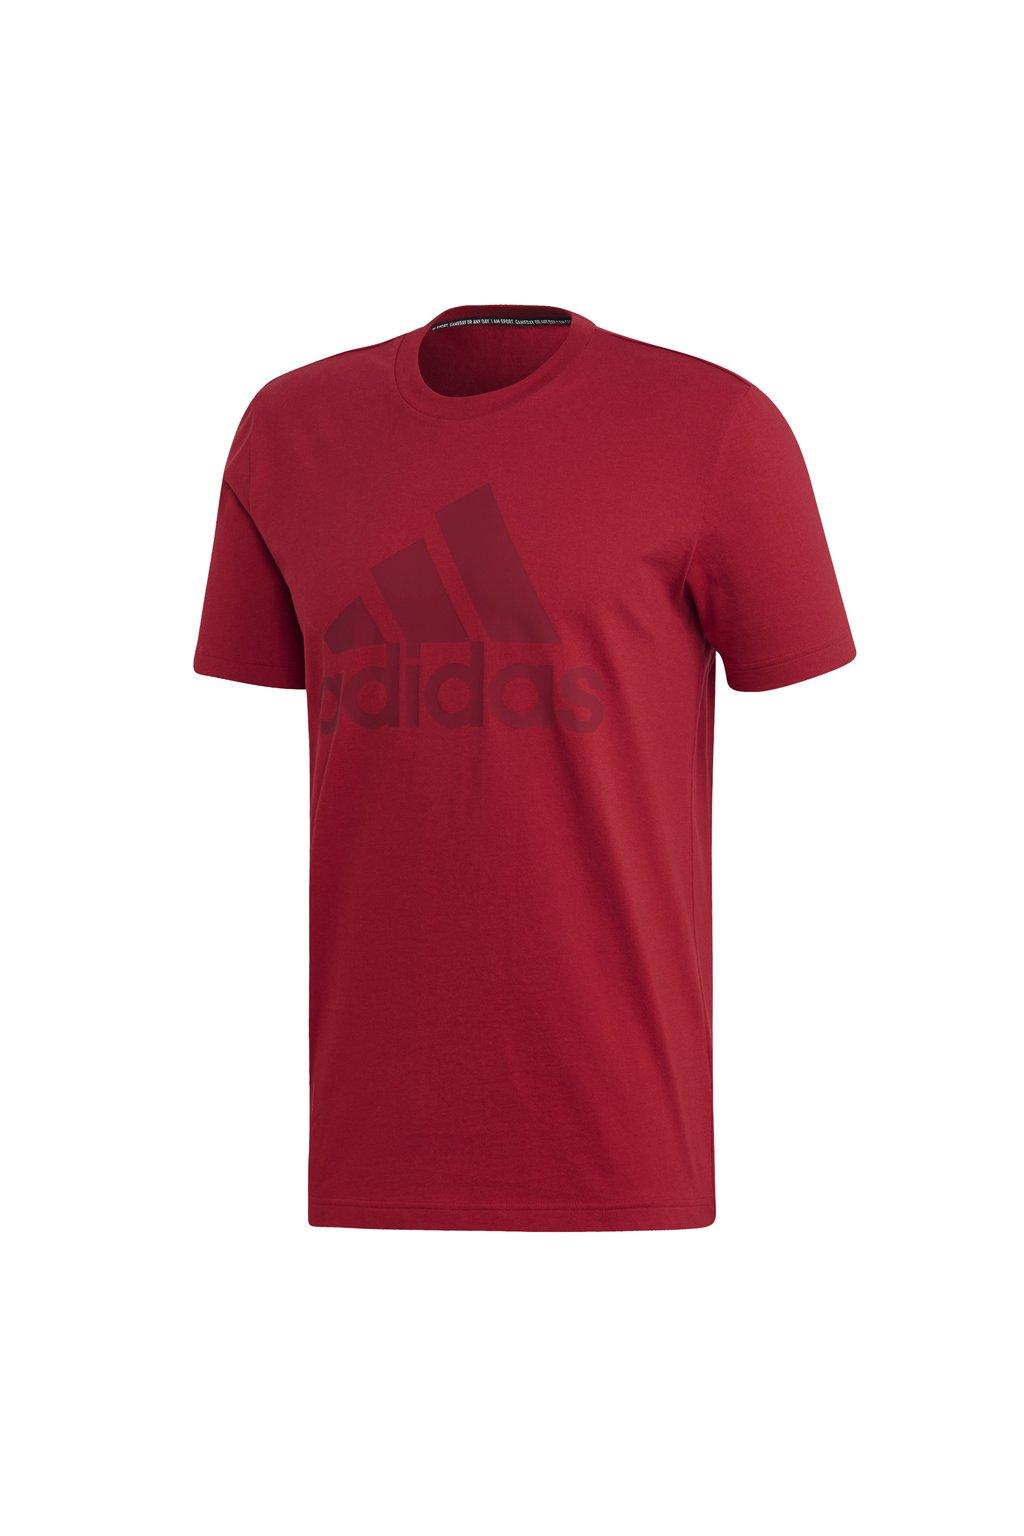 Pánske tričko Adidas MH Bos Tee červené EB5244